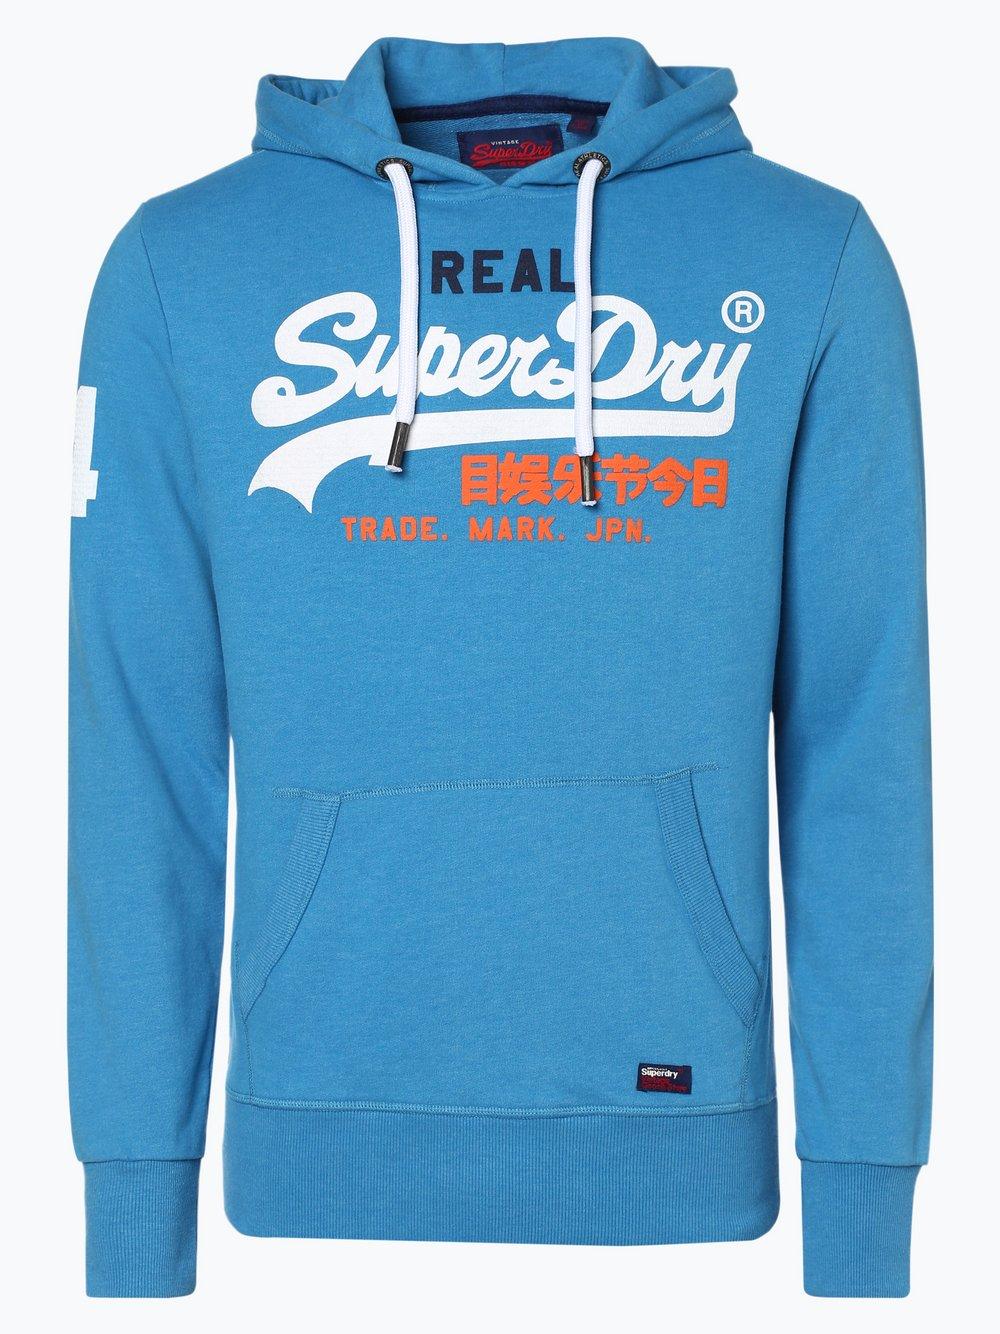 competitive price 2d3ef 9ccf1 Herren Sweatshirt